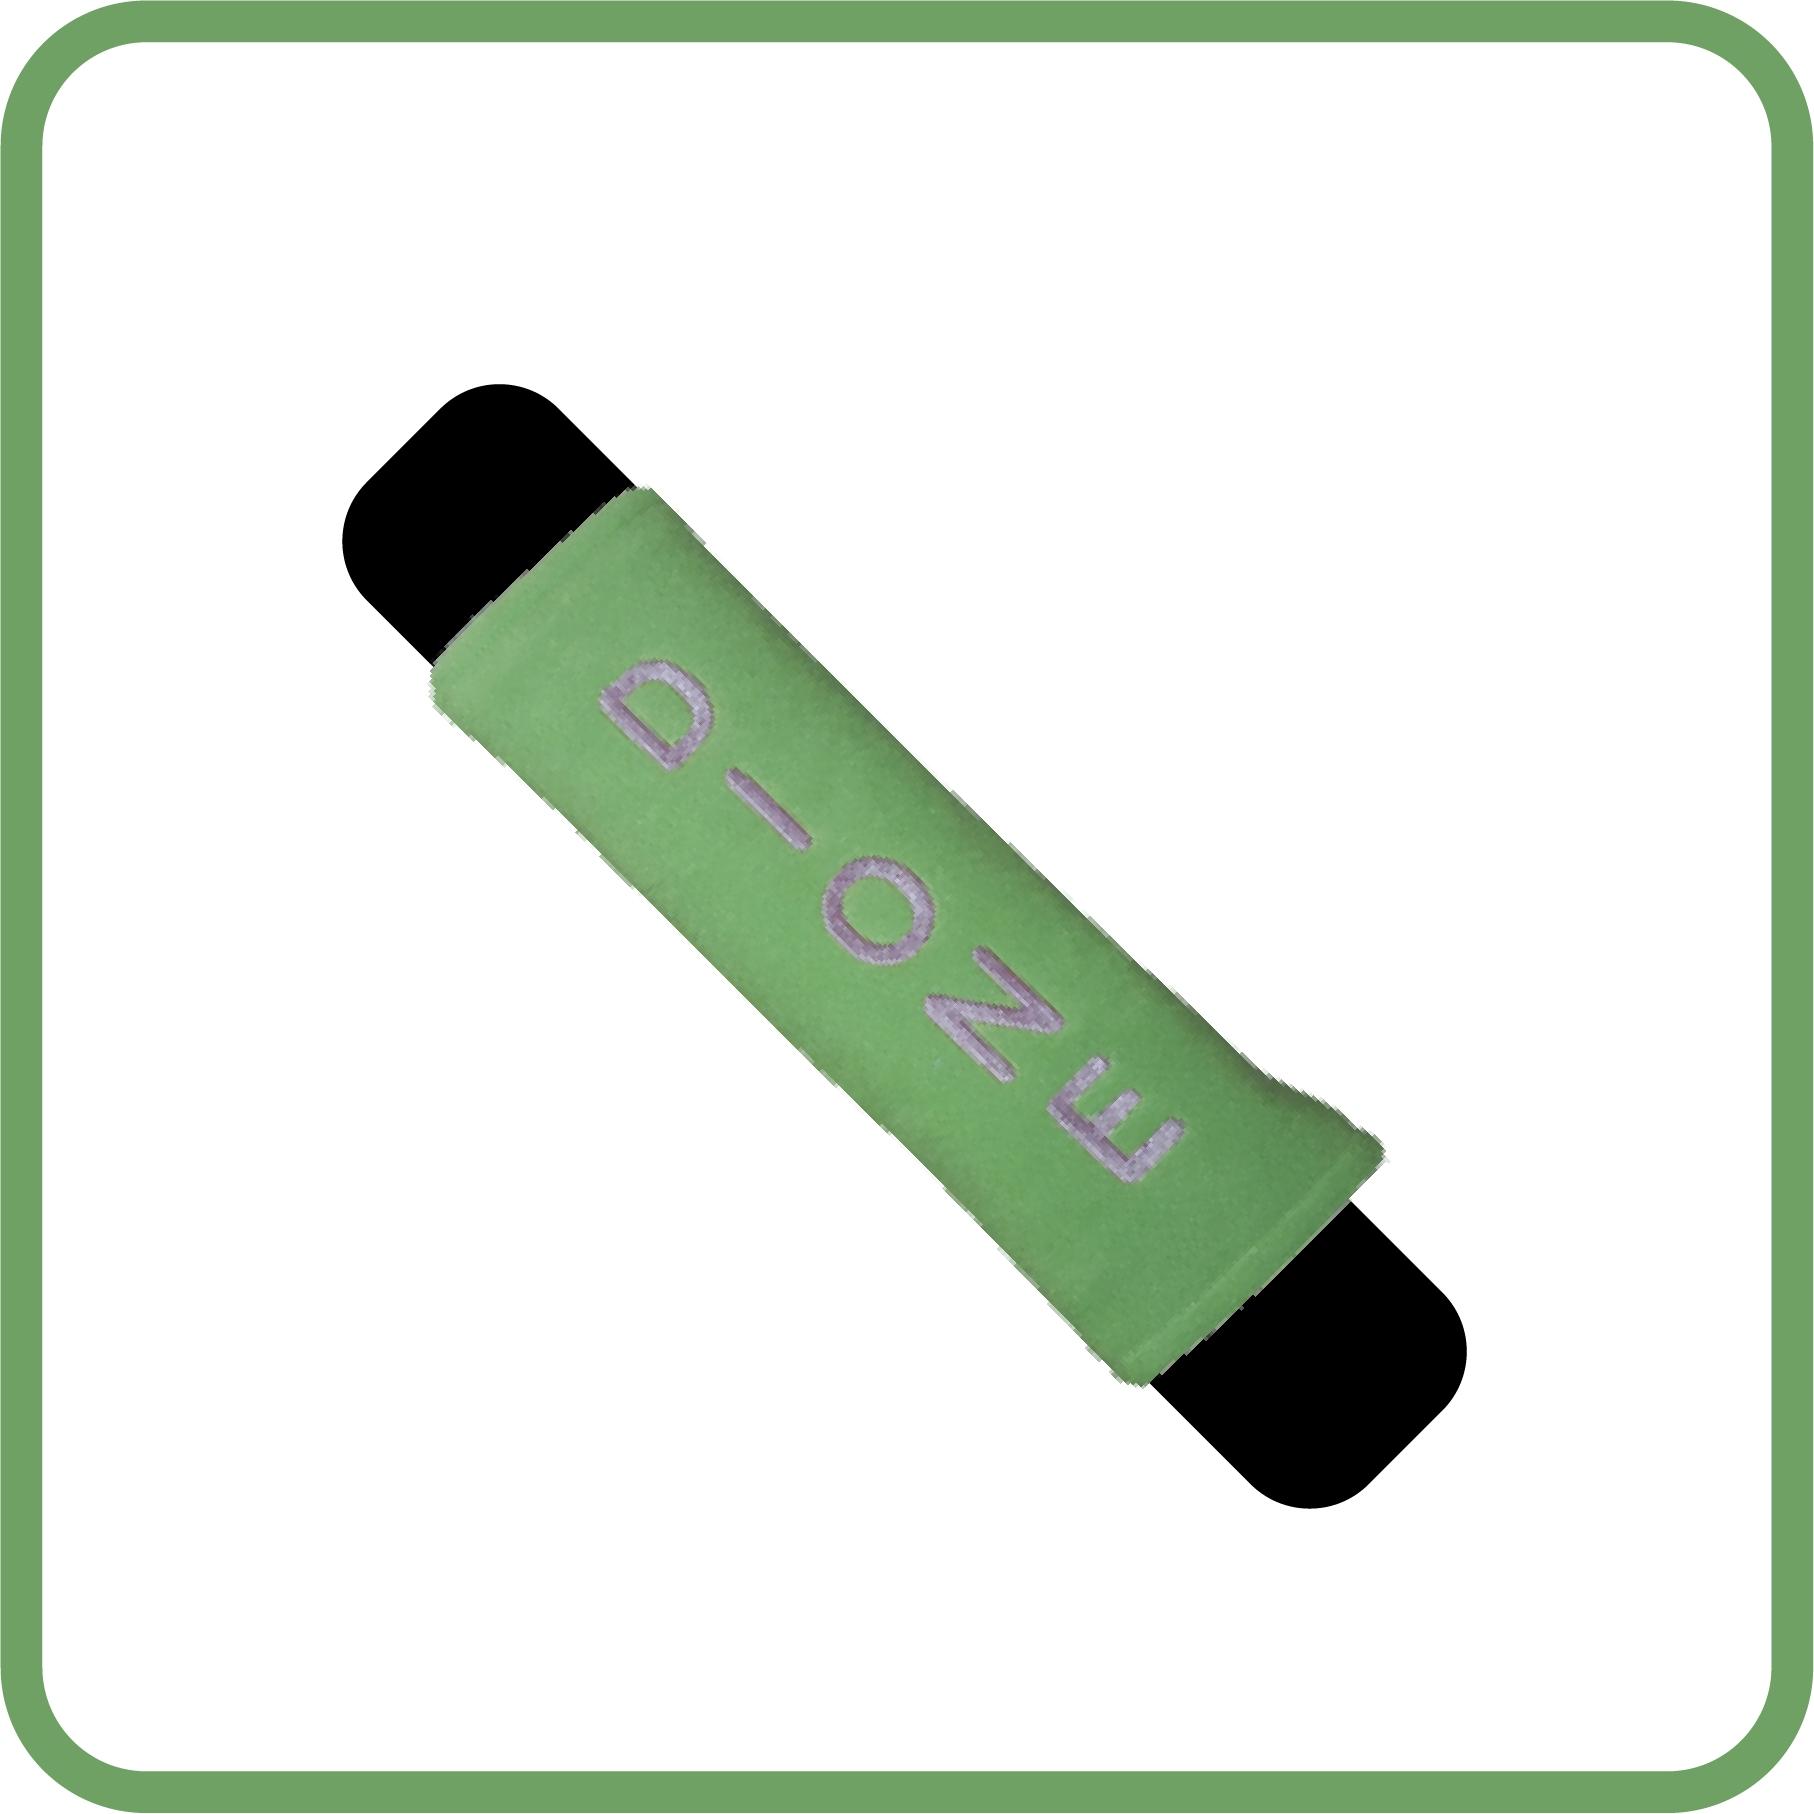 Autogordelhoes kinderen in hippe kleur-groen